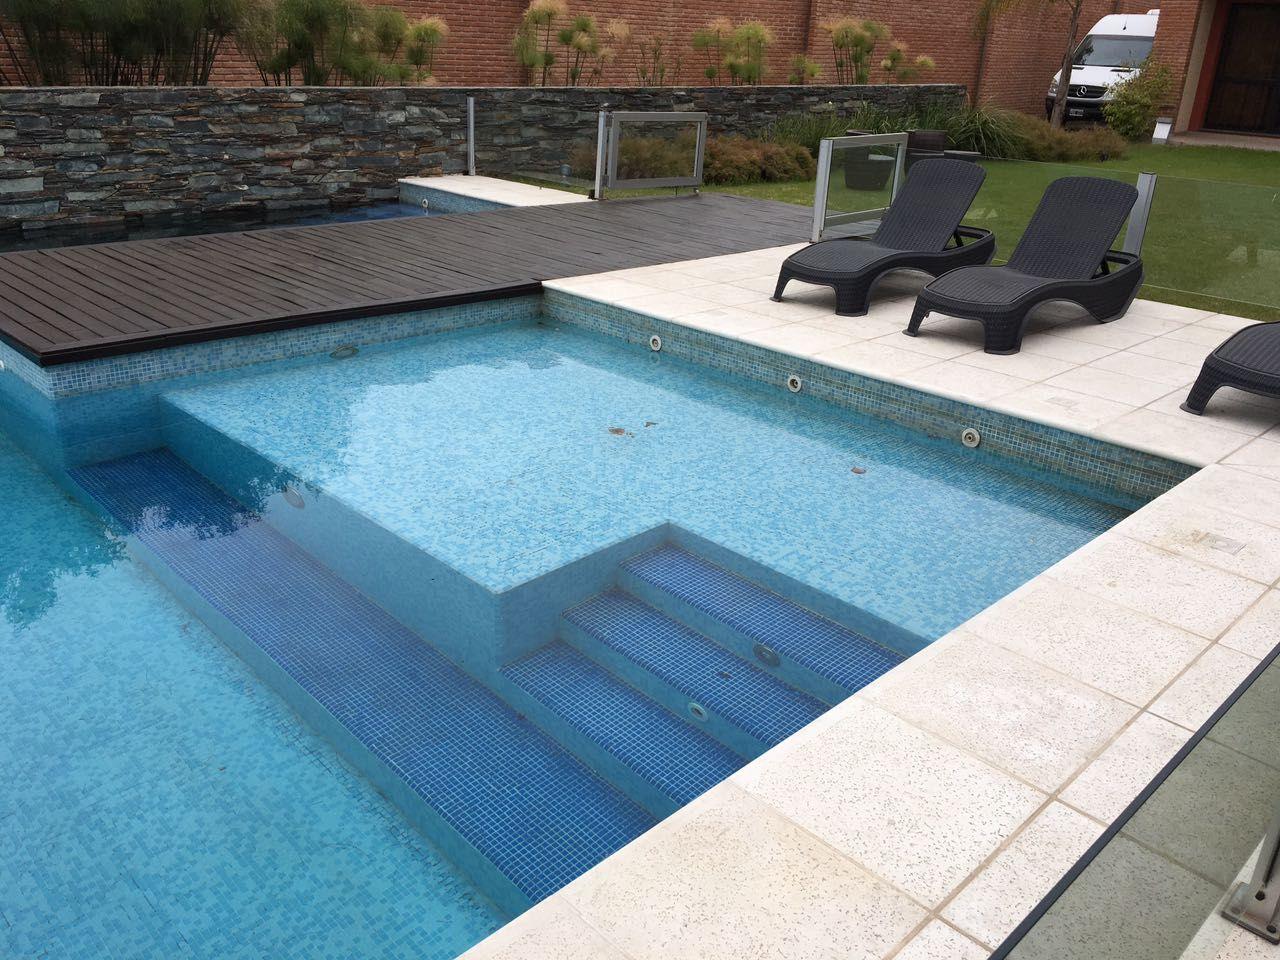 Hotel neper piscina wellness solarium - Disenos de piscinas ...